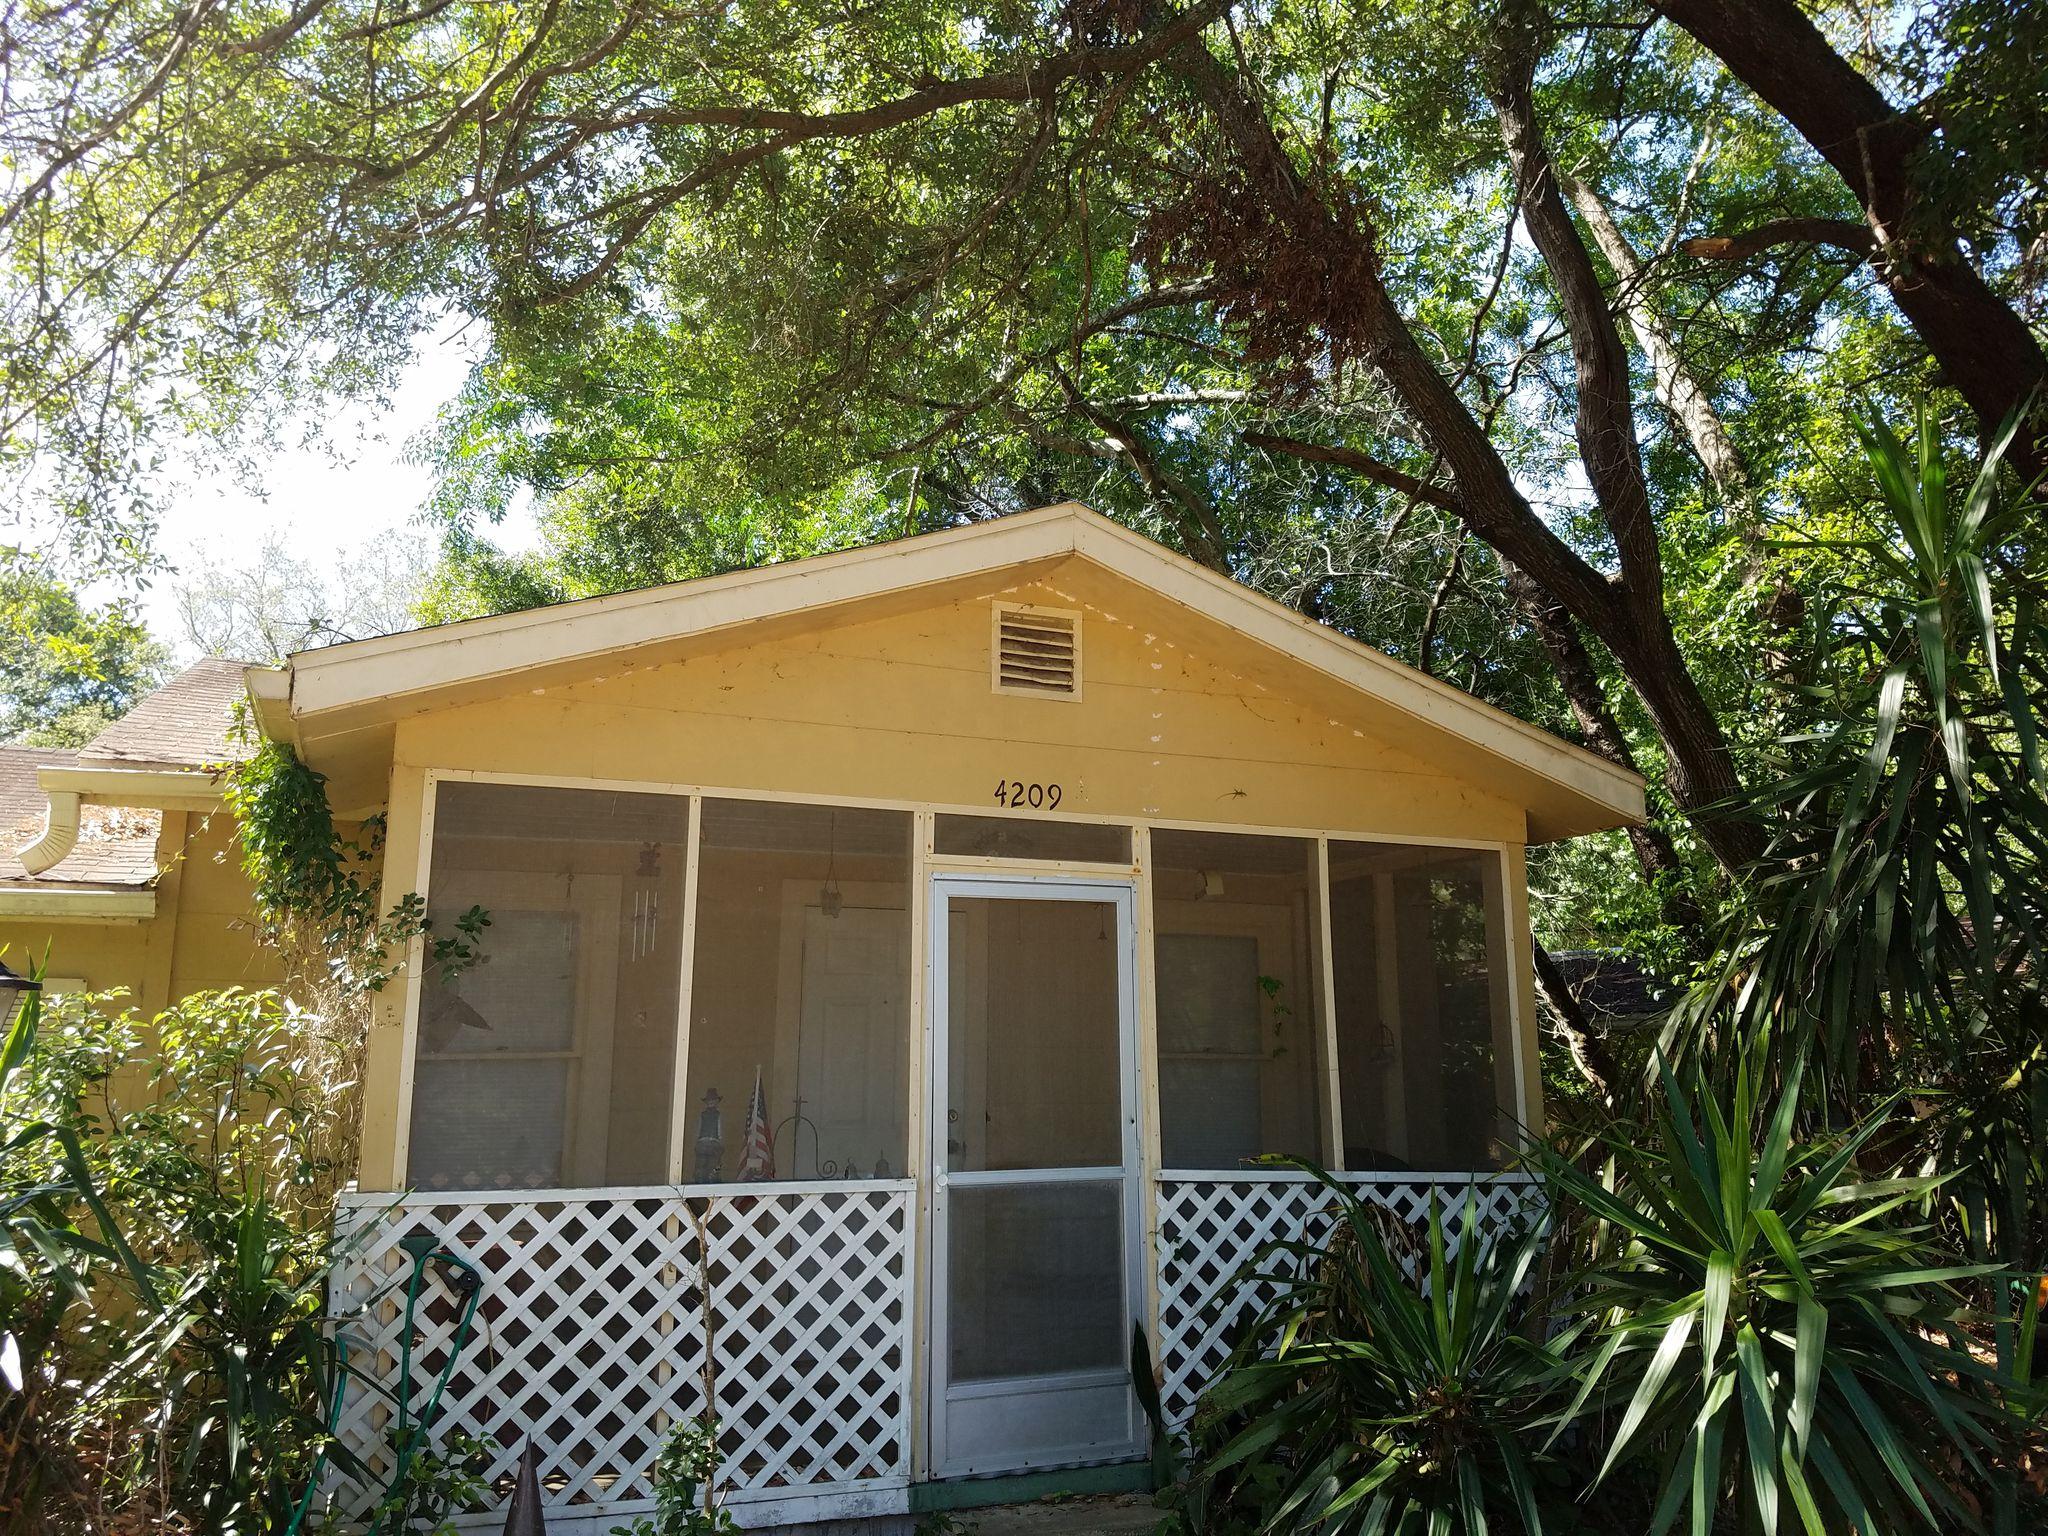 4209 E Bird St, Tampa, FL 33617 | Trulia